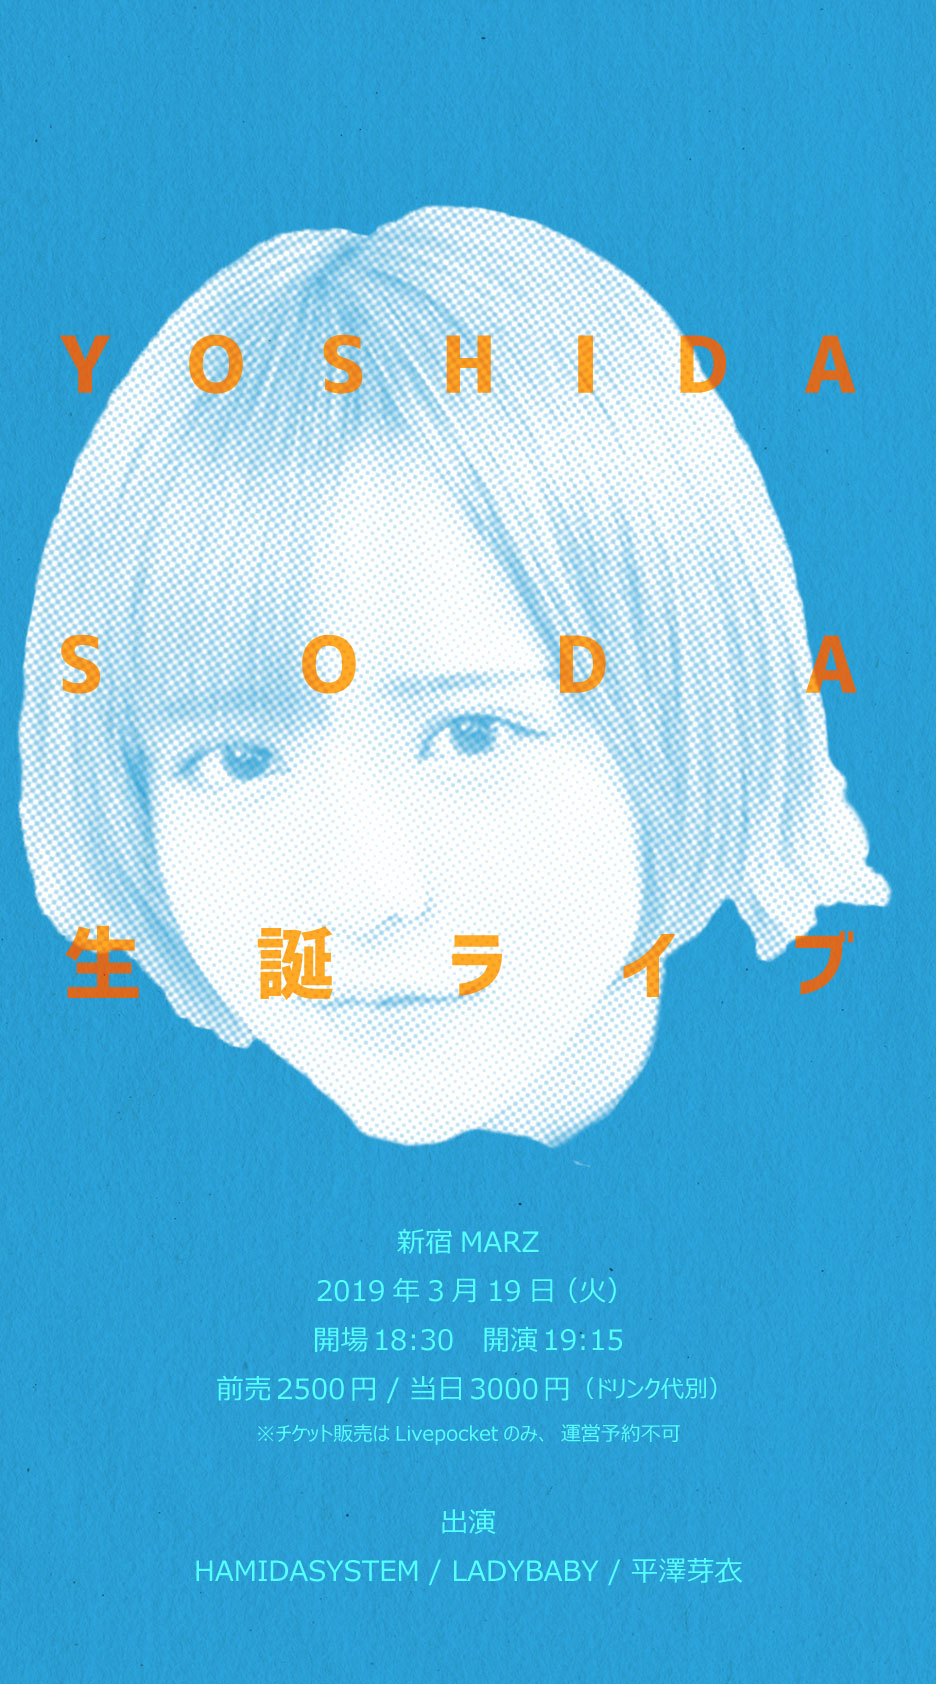 YOSHIDA SODA生誕ライブ